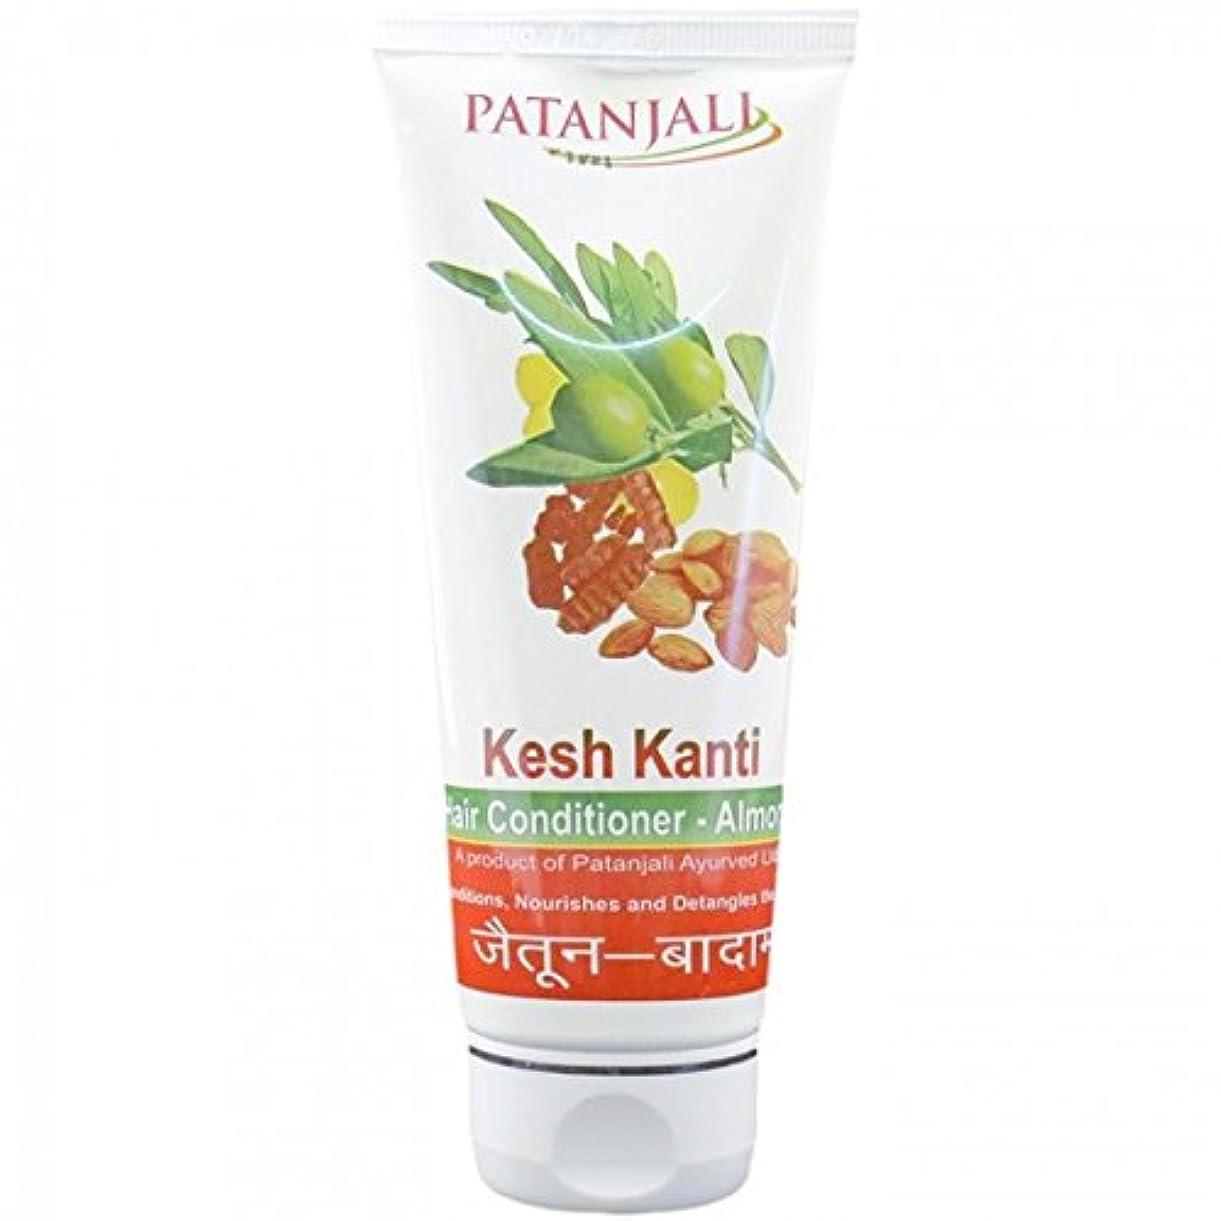 科学ただやる狂うPATANJALI Kesh Kanti Hair Conditioner Almond 100 Grams by Patanjali